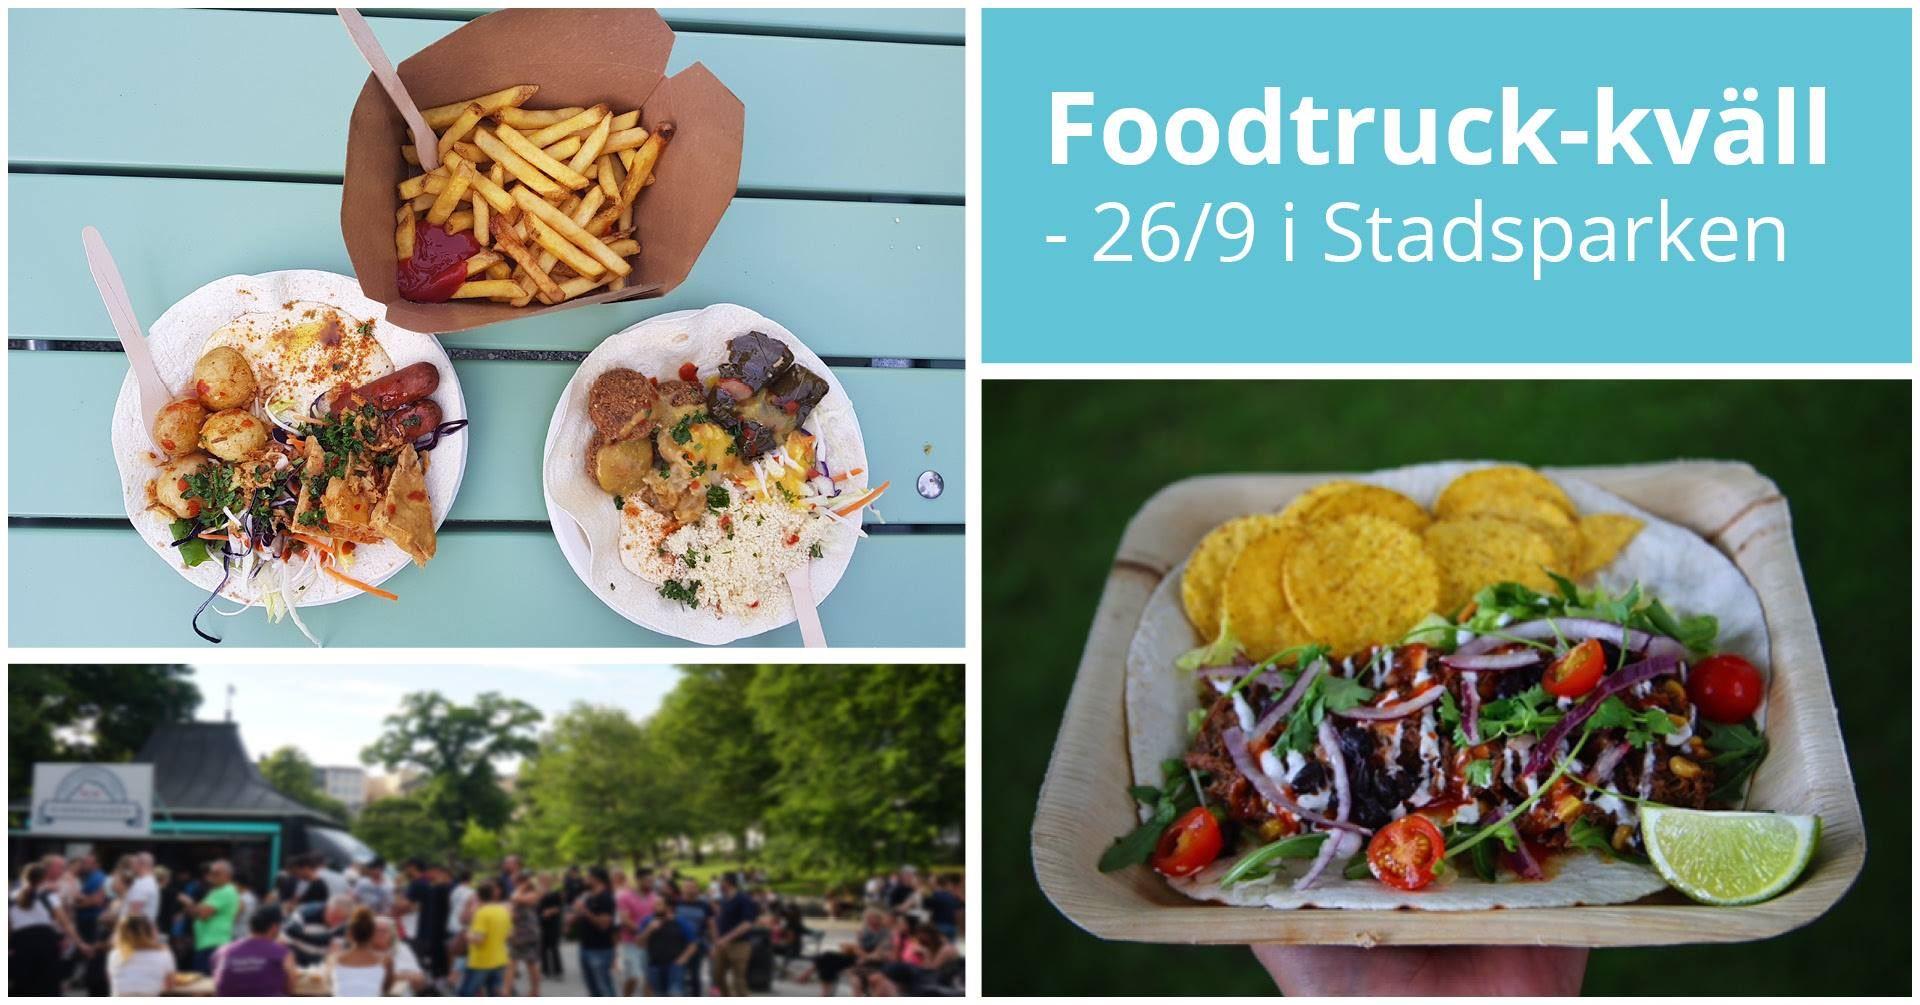 Foodtruck-kväll i Stadsparken